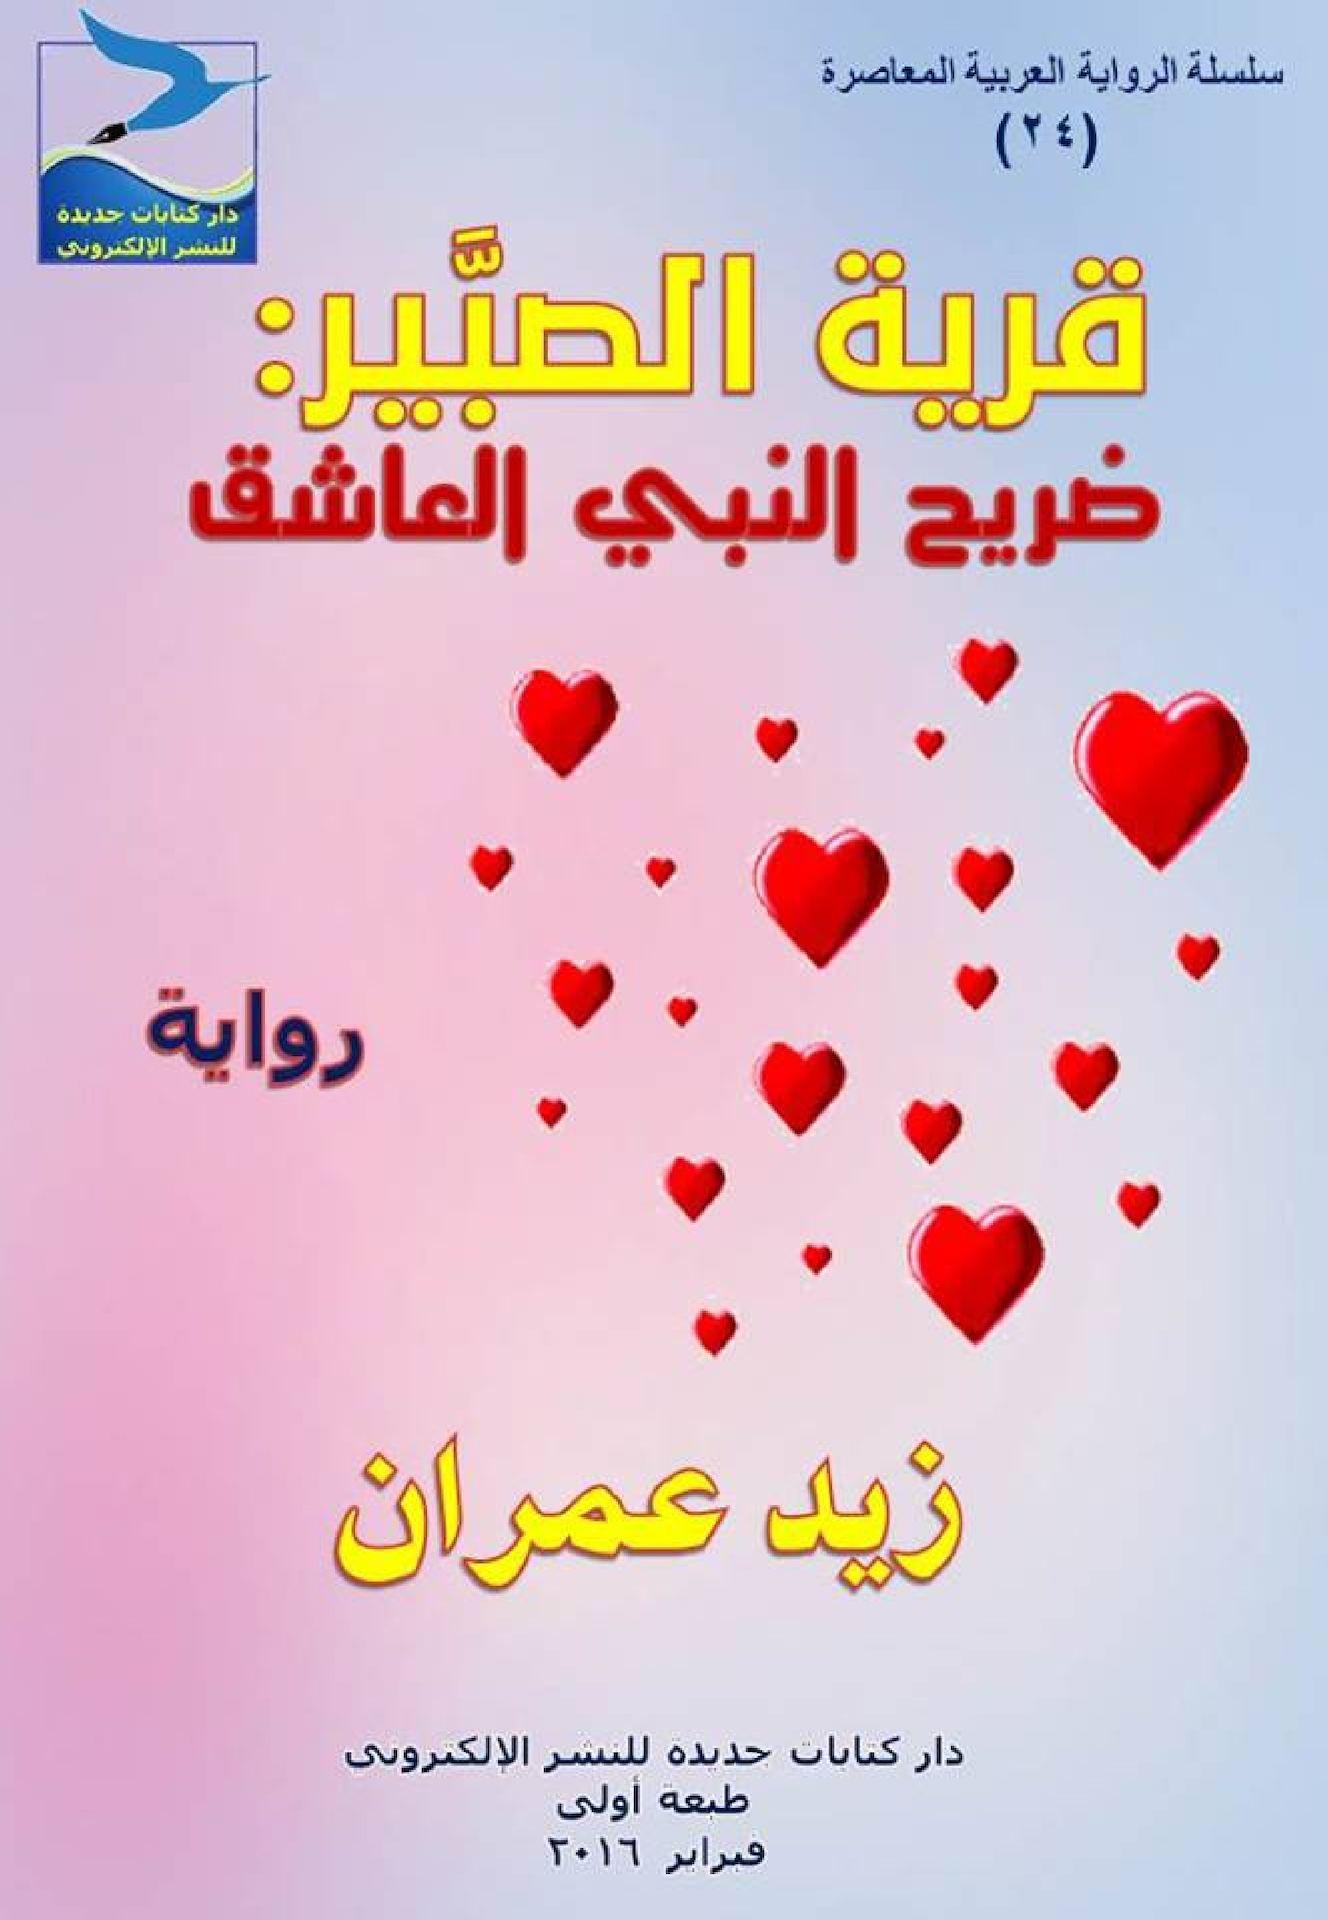 bd8bfa1e6 Calaméo - زيد عمران، قرية الصبَّير، ضريح النبي العاشق، رواية، ط1، فبراير  2016